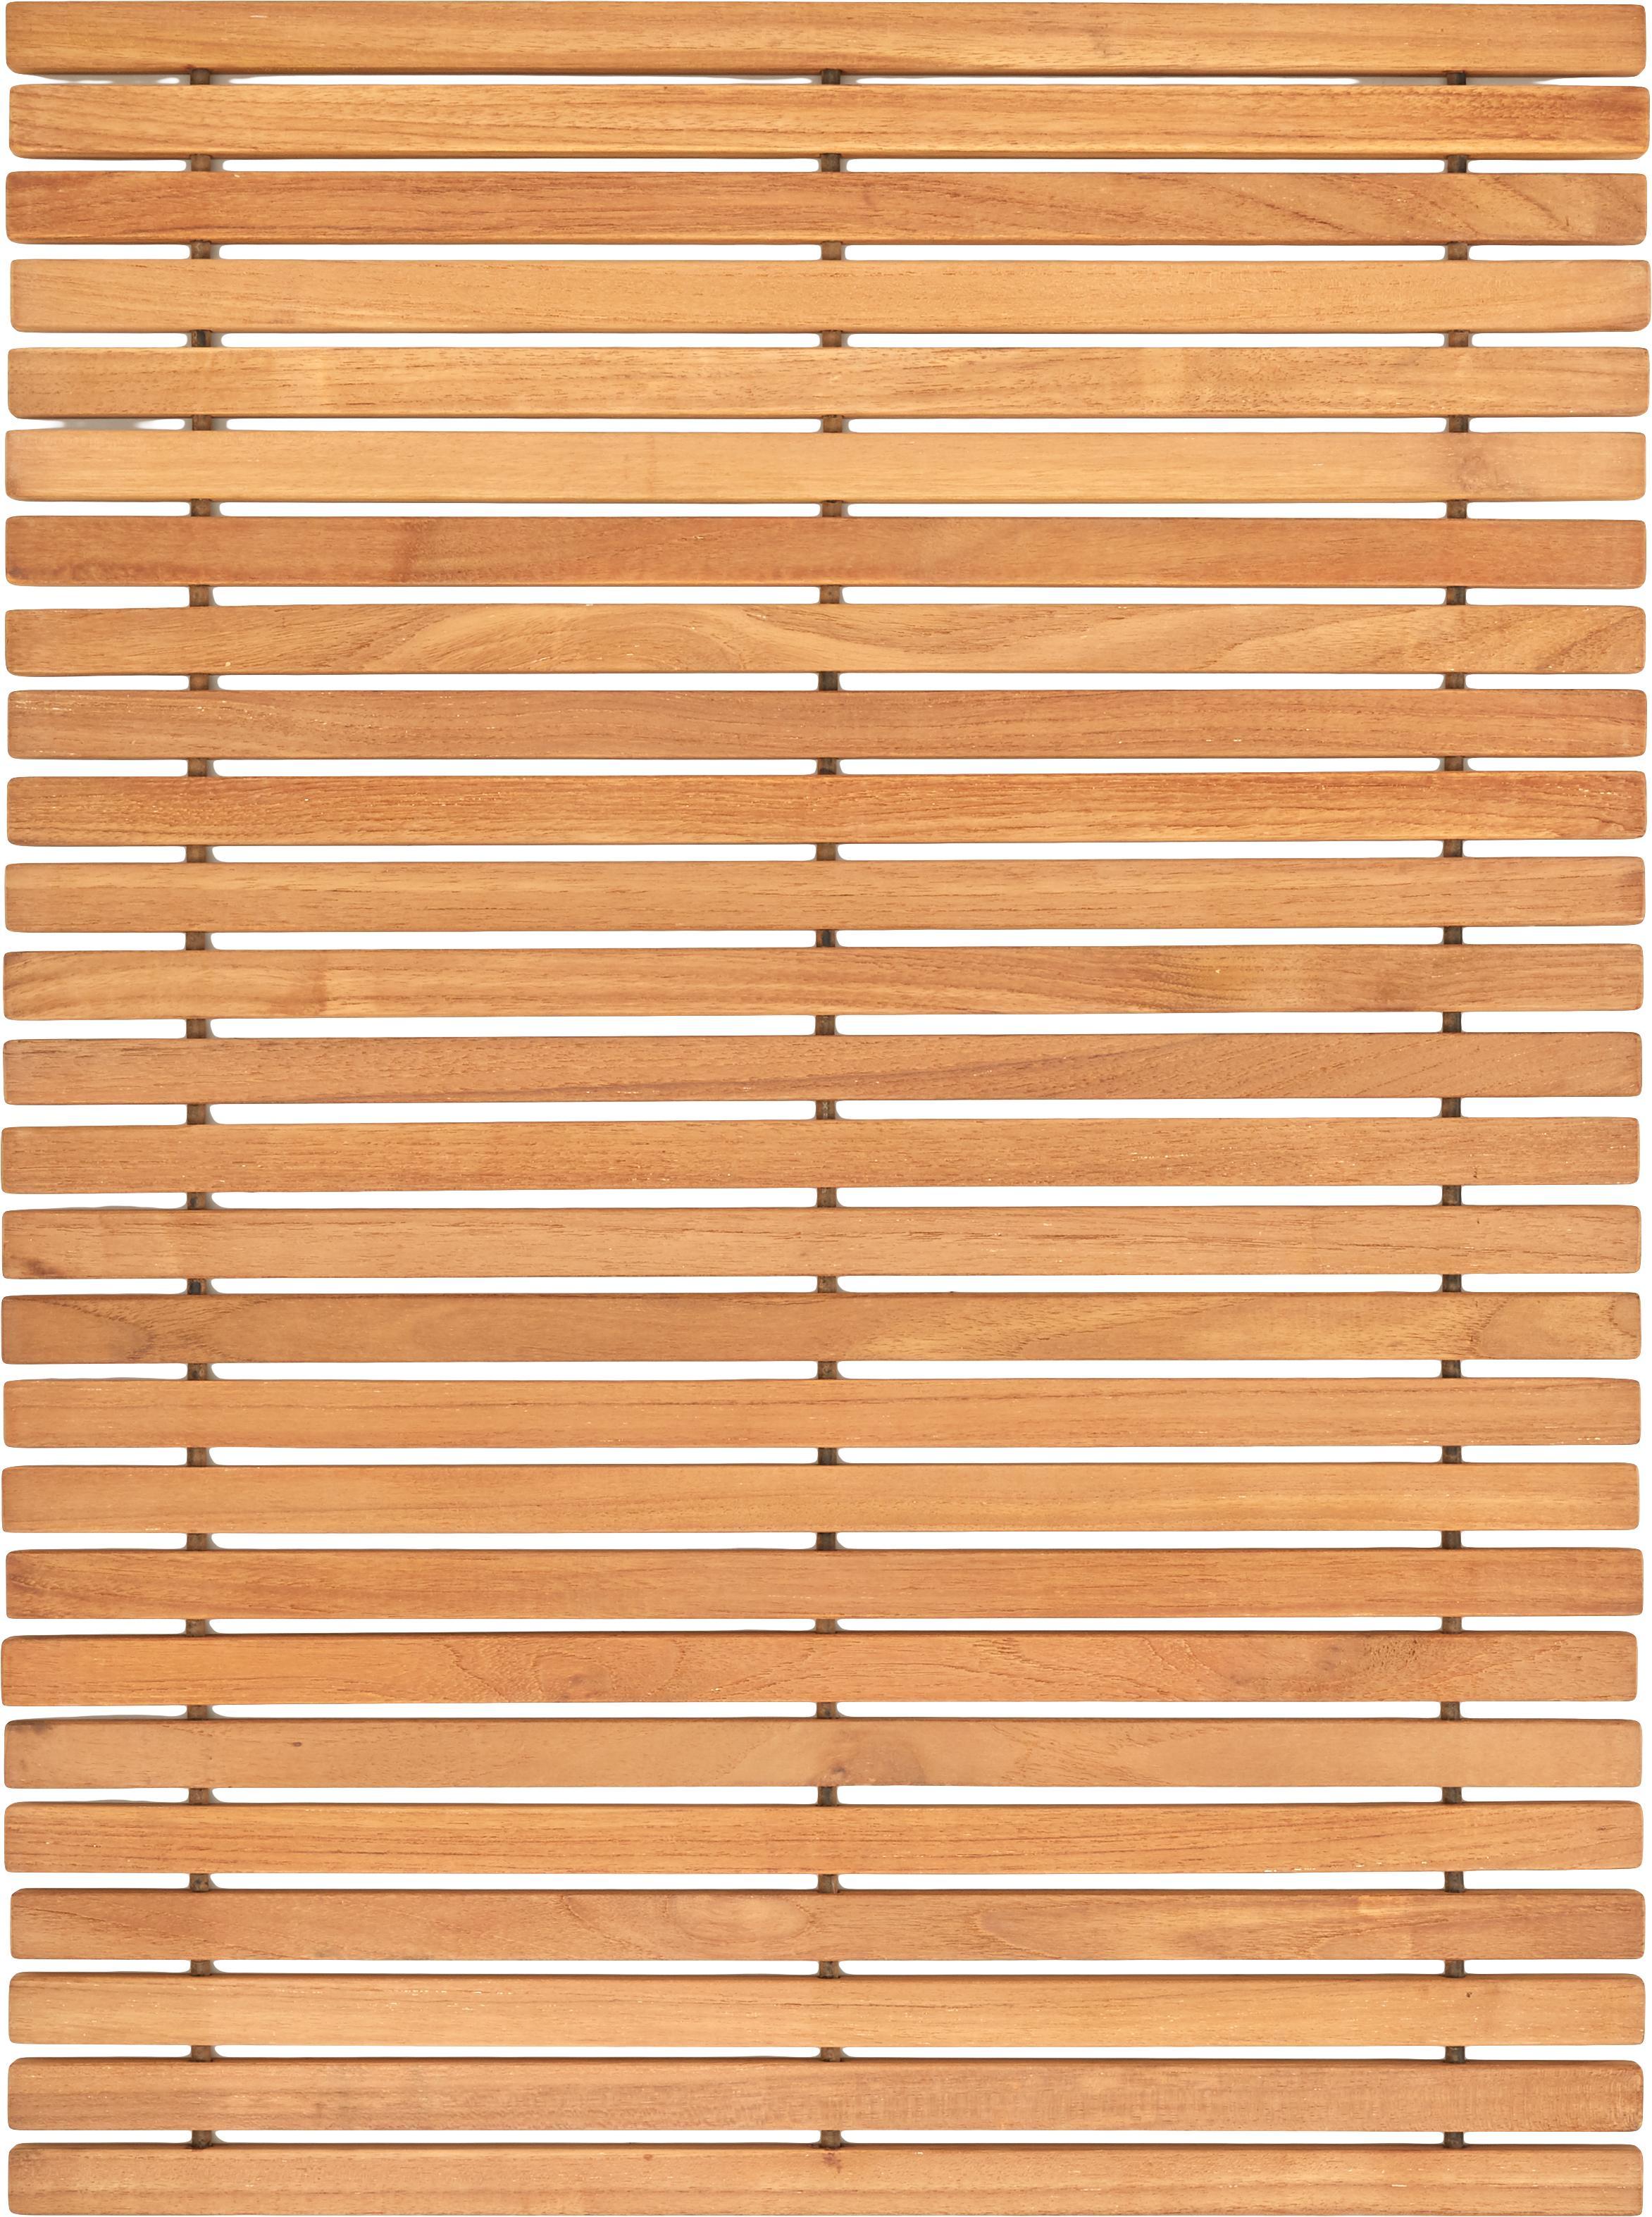 Badvorleger Anna aus Teakholz, Teakholz Das Produkt besteht aus Teakholz aus zertifizierter Forstwirtschaft in Indonesien, in erster Linie aus überschüssigem Holz aus der Möbelproduktion., Braun, 60 x 80 cm